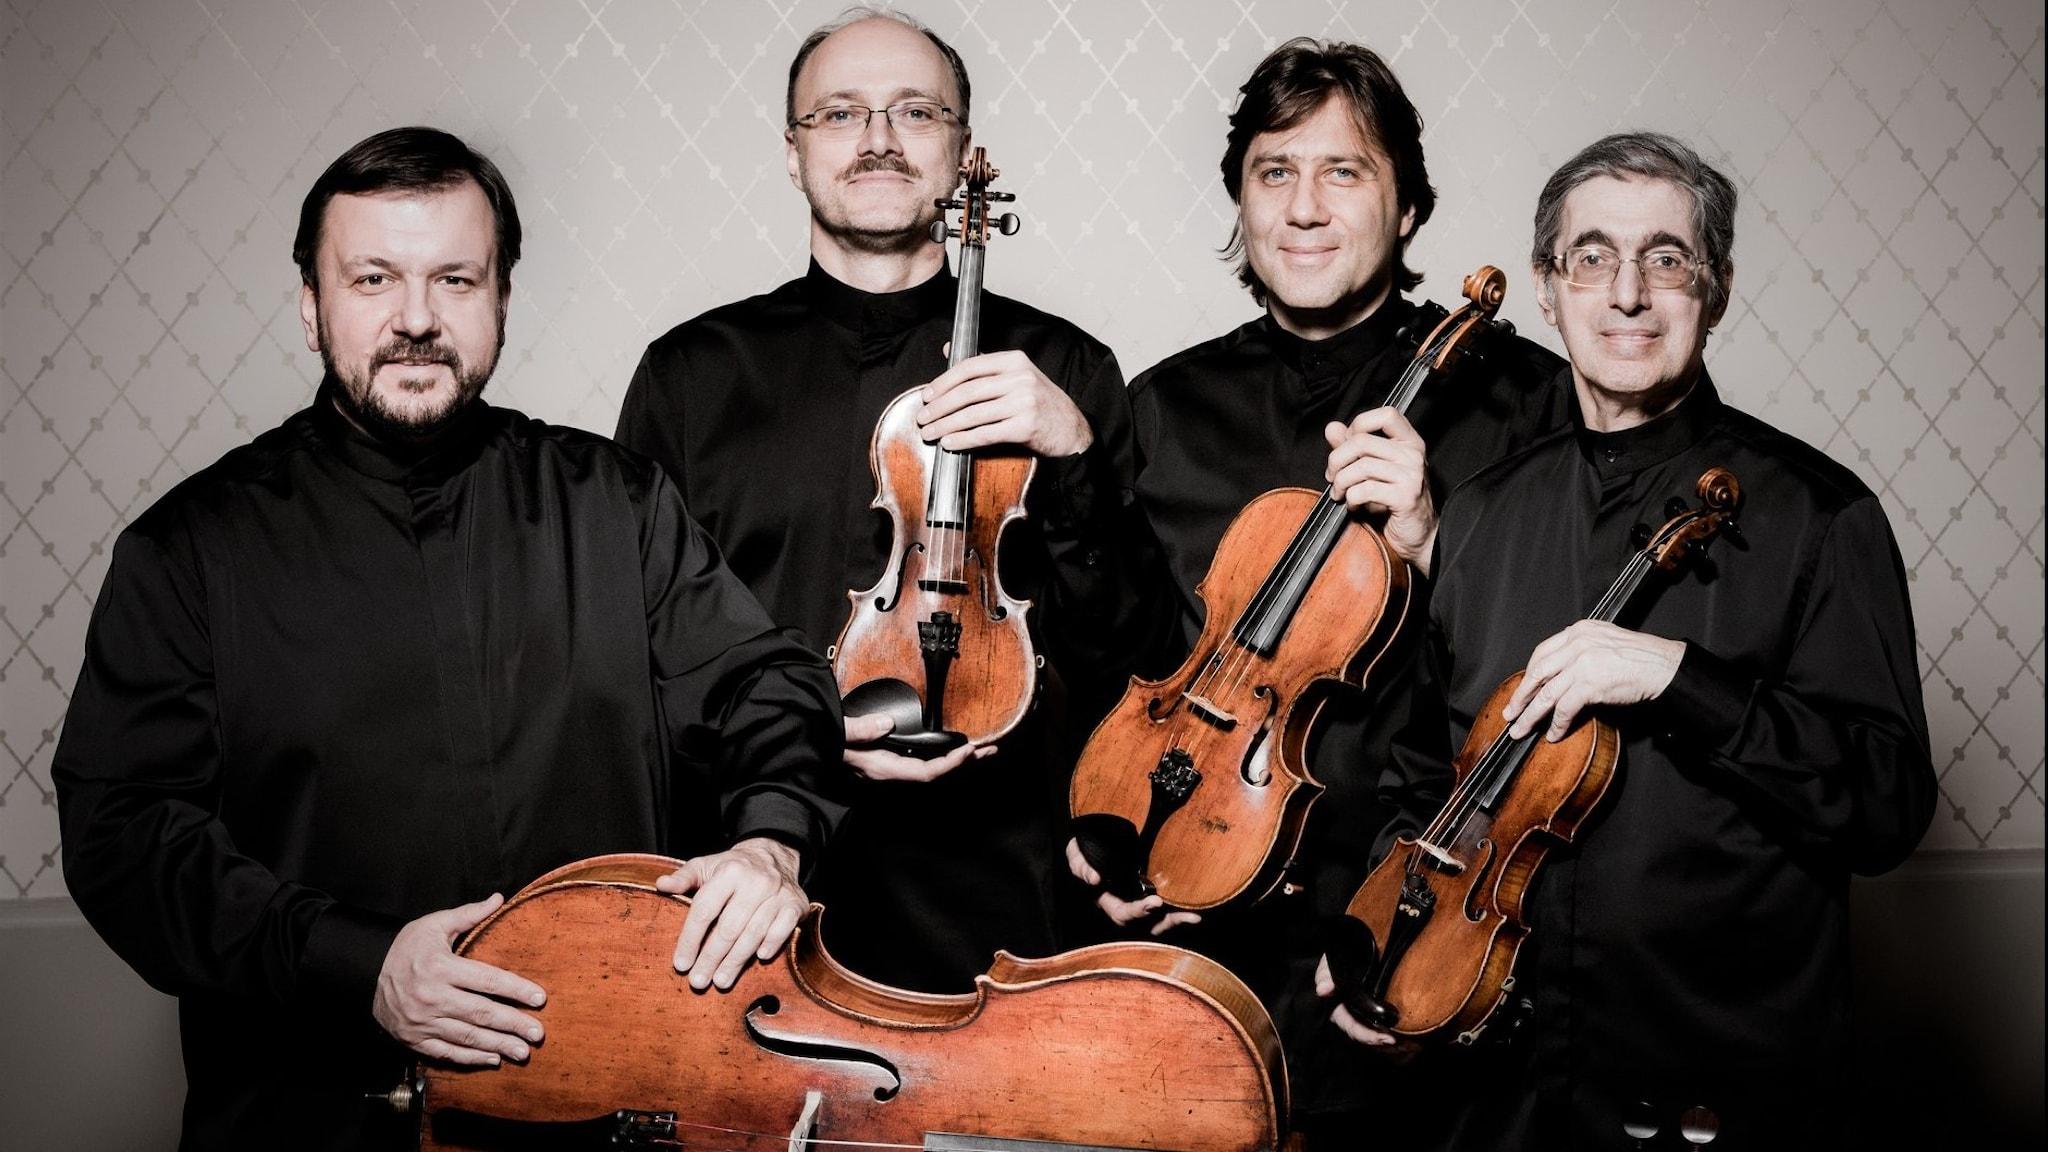 Bild: Borodinkvartetten spelar Beethoven.